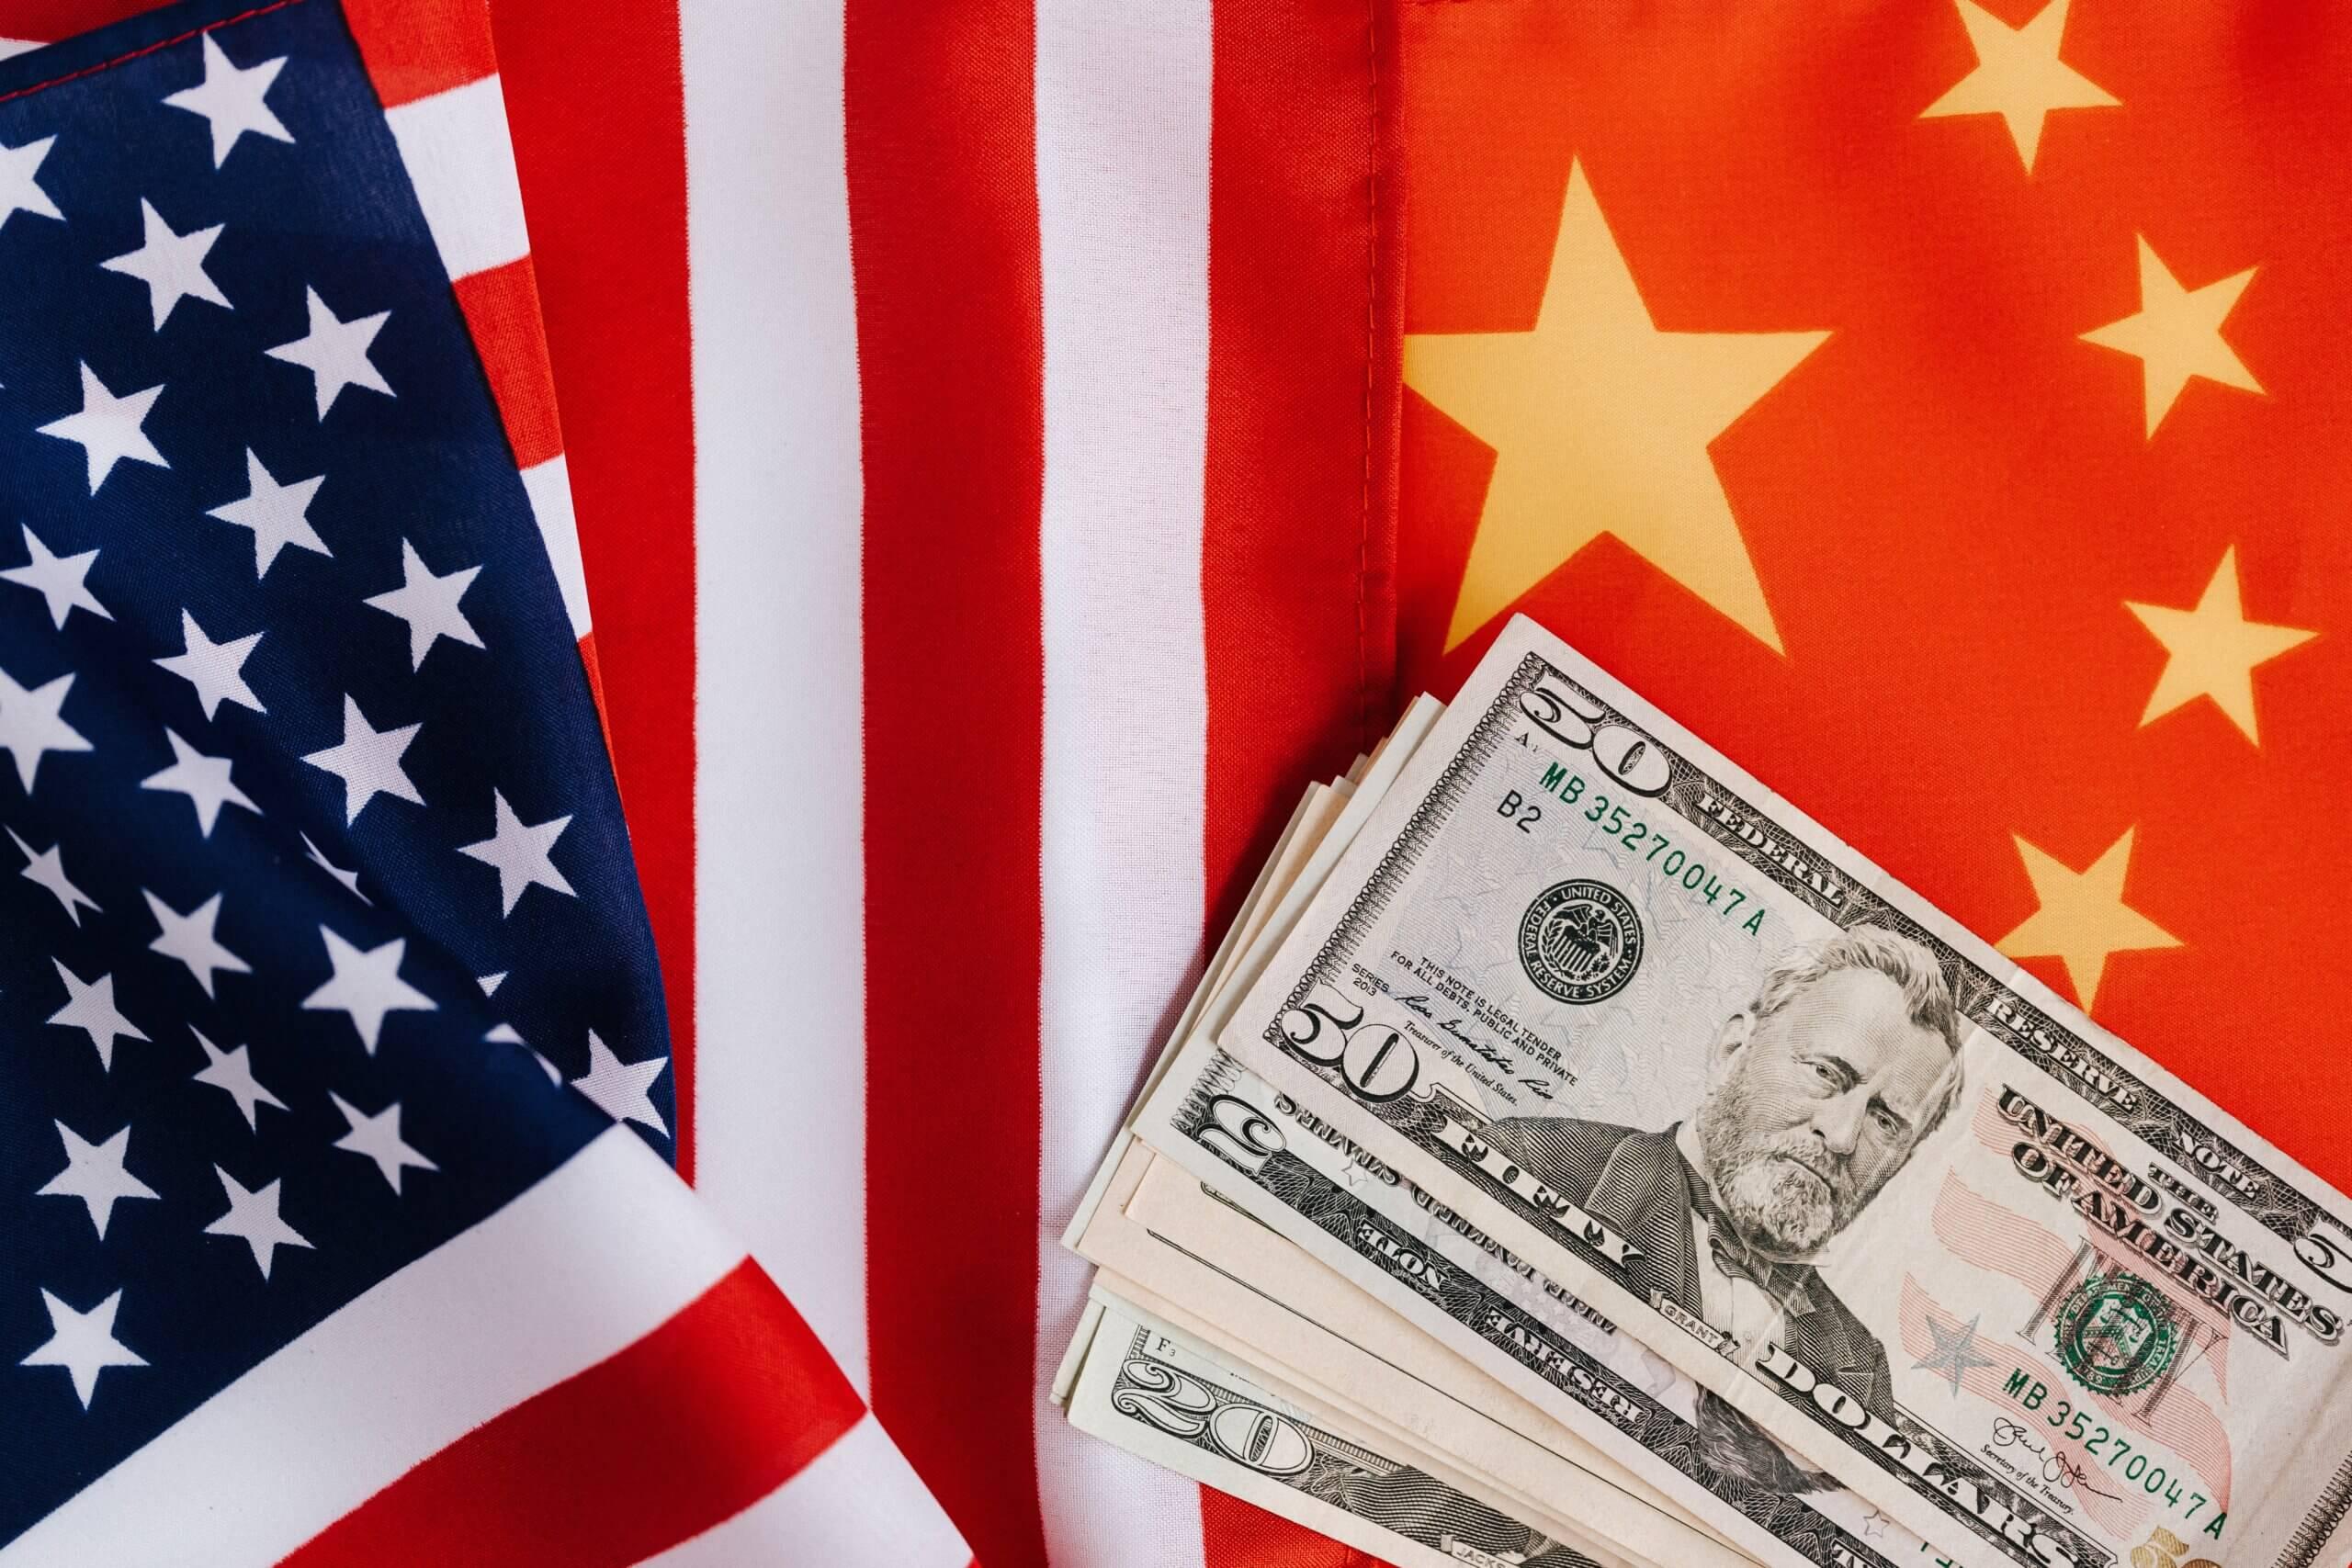 米中貿易摩擦に強い米国株式ETFの見極め方【4/12 今週のマーケット見通し】